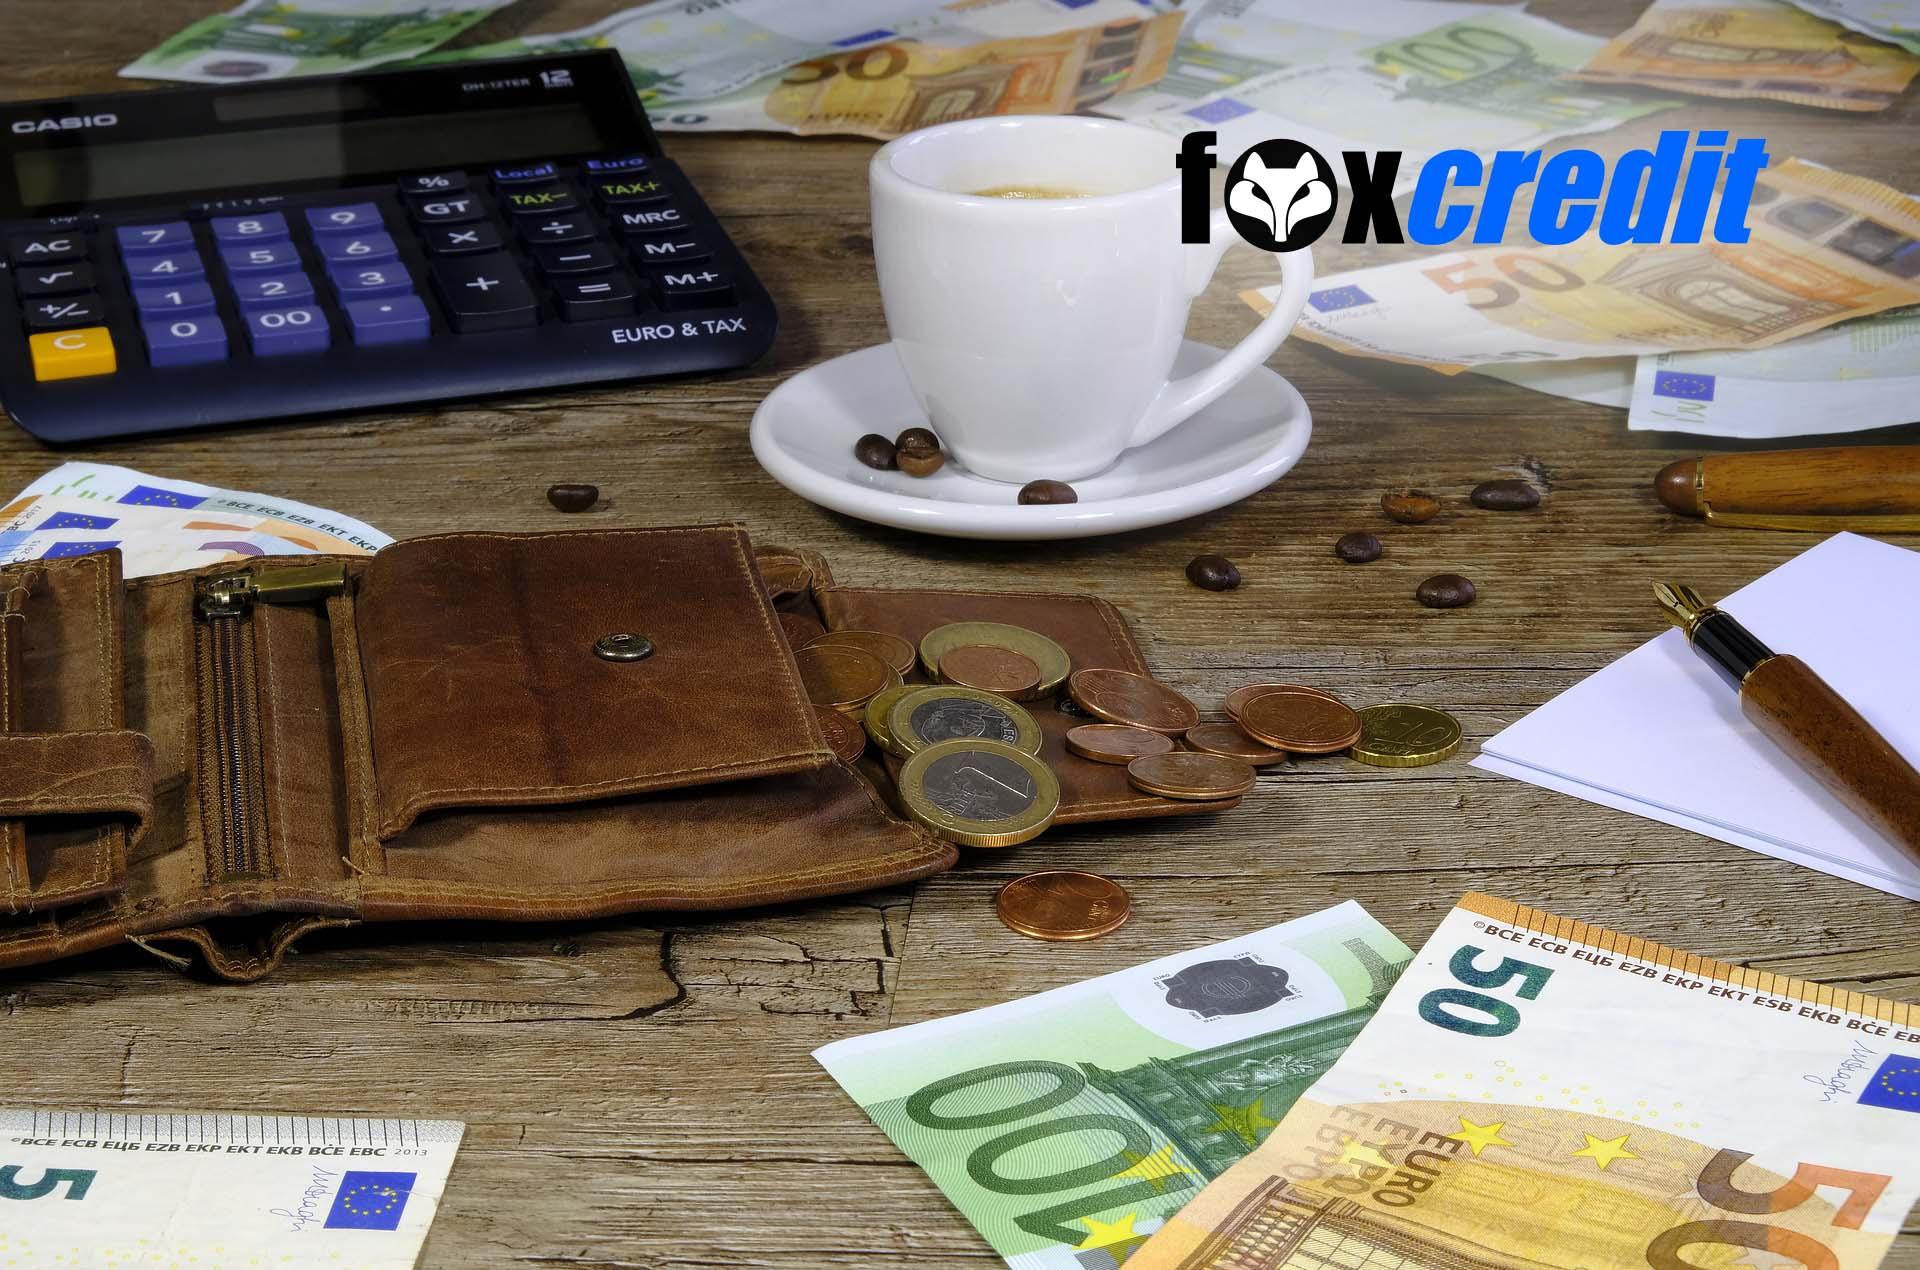 Foxcredit Deutschland, BRD, Deutschland, Finance Scout, Financ Scout24, FinanceScout24, FinanceScout 24, Hypothek, Immobilien, Krankenkasse, Versicherungen, Traum, Fantasie, Geldautomat, Bankomat, Bancomat, ATM, Crowdlending, Lend, Kredit Schweiz, Online-Kredit, Maximalzins, Zinsobergrenze, Fuchs, Bankgeheimnis, Kreditregister, Gold, Sparen, Leitzins, Geldschwemme, Foxcredit, Kleinkredit, Online Kredit, Onlinekredit, Finanzierung, Kredit, loan, Leasing, Zinssatz, Bank, Bankkonto, Bitcoin, Eurozone, Euro, Franken, Krypto, Dollar, Auto Kredit, Ferien Kredit, Wein Kredit, Immo Kredit, Raten Kredit, Medi Kredit, Privat Kredit, Klein Kredit, Sofort Kredit, Umschuldungskredit, Raten Kredit,bBudget, Reichtum, Milliarden, Pfandleihhaus, Festgeld, Bafin, Bankenaufsicht, Kreditwürdigkeit, Webtech Media, WebTech, Website Design, Website Flaterate, webtech2web, Girokonto, WestLotto, Euromillions, Deutsche Lotterie, Lotto, Jackpot, CrediMaxx, Budget Check, BudgetCheck, Budget Credit Check, Ava, Ava trade, avatrade, trading, Hotfox, CapTrader, PostFinance, Post, Post Finance, Bundesrat, Nationalbank, Covid, Politik, Kreditportal,,